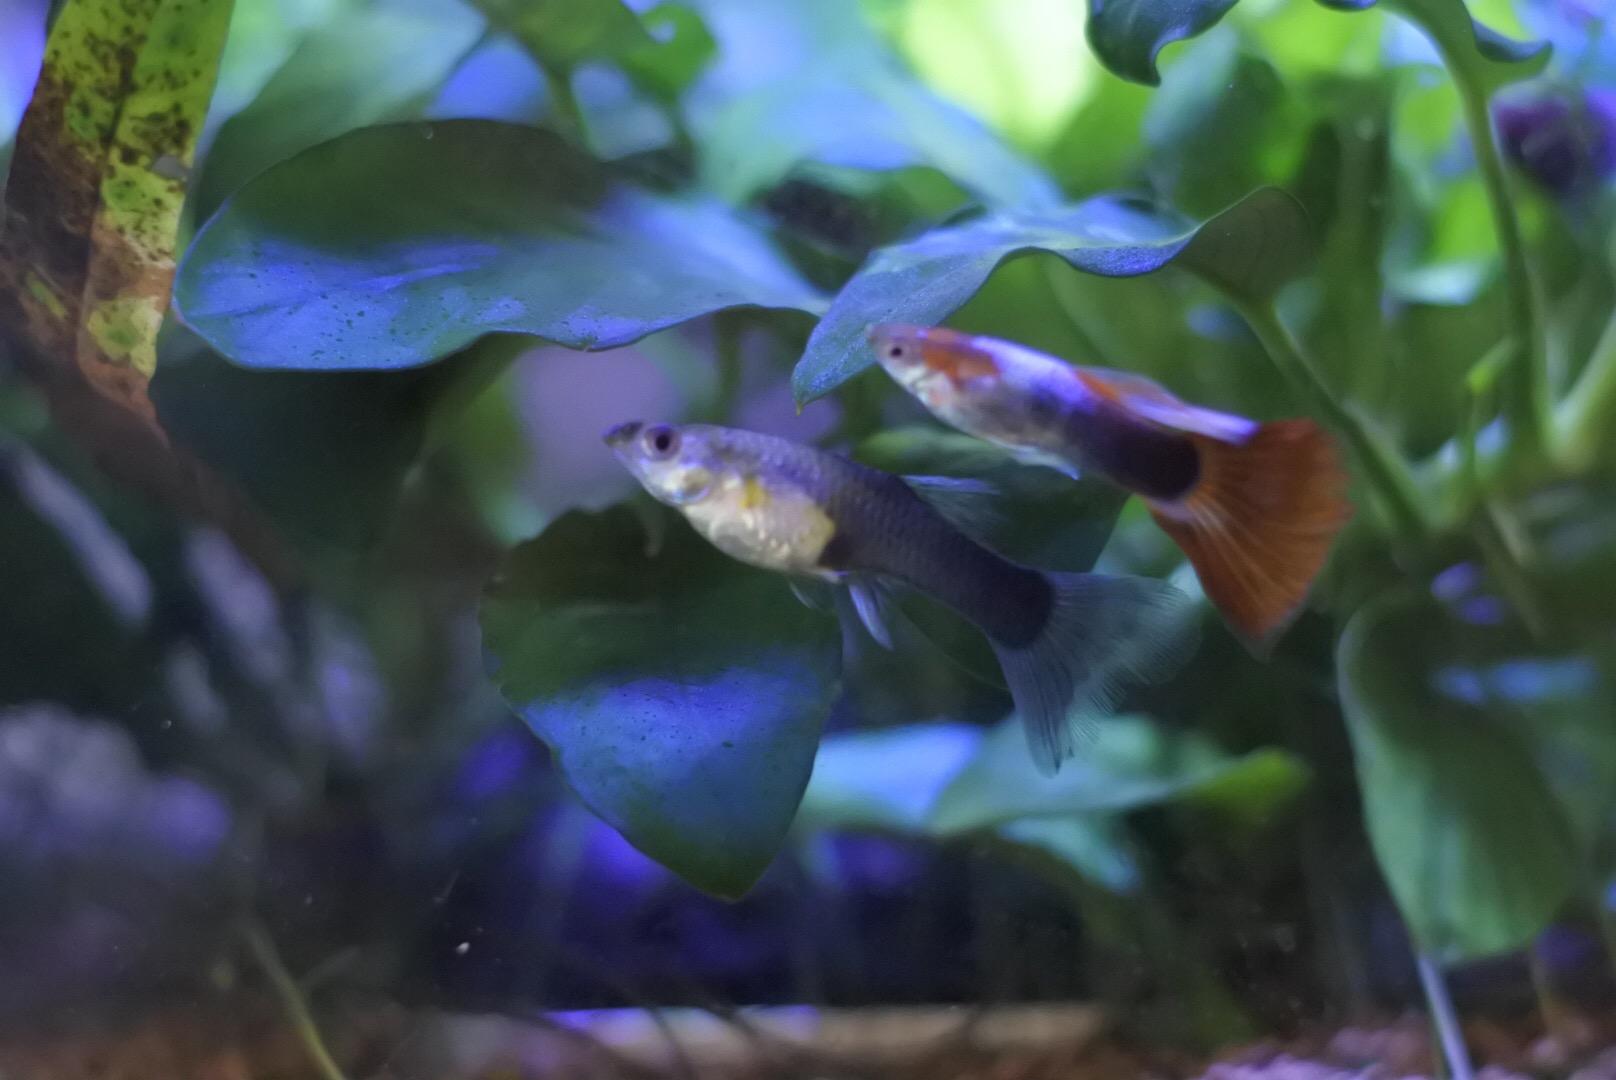 グッピーの稚魚を混泳させても大丈夫な時期!混泳させるポイント